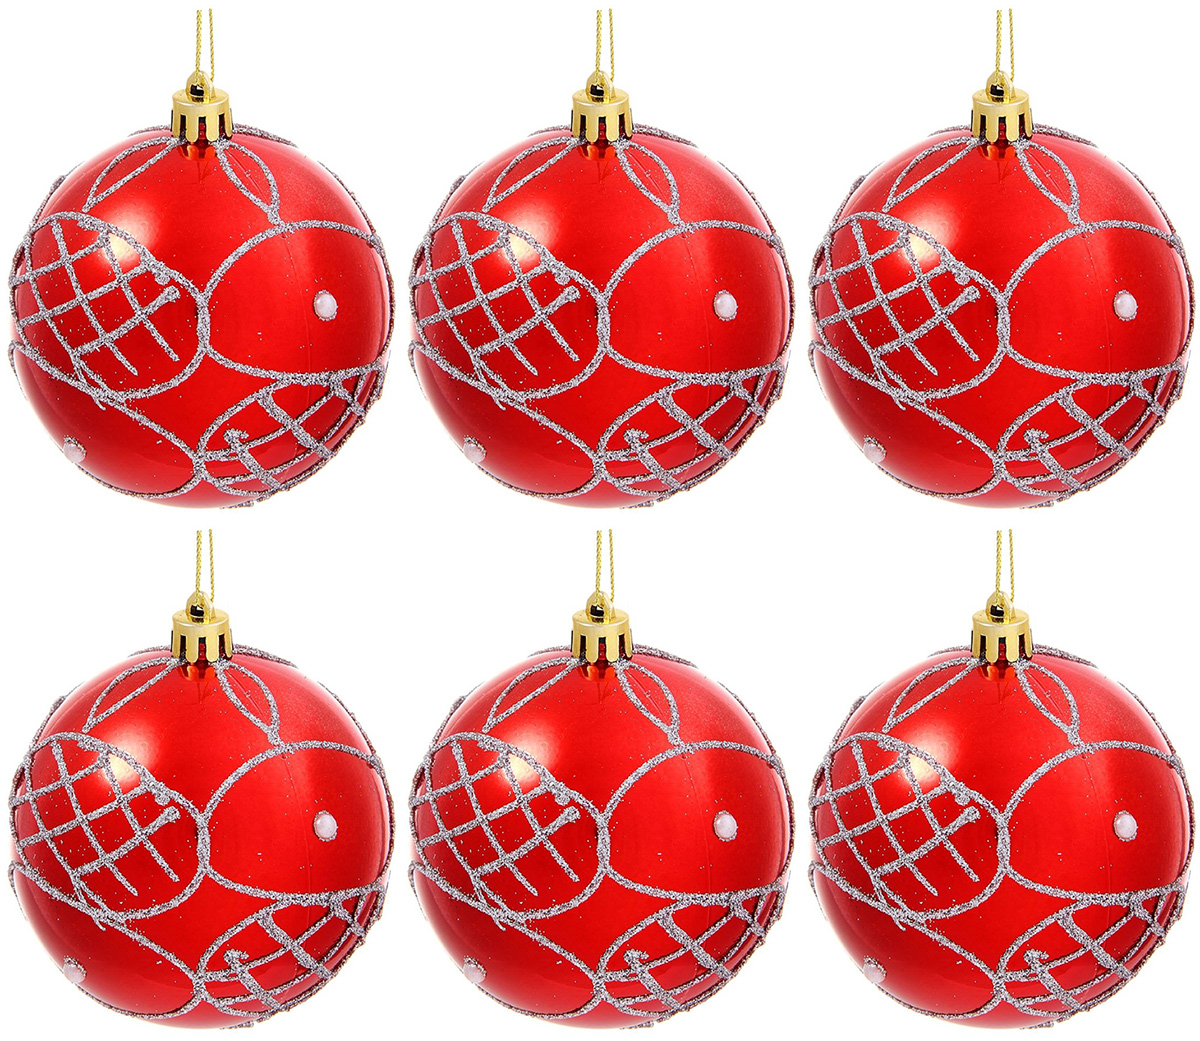 Набор новогодних подвесных украшений Sima-land Мираж. Жемчужная сетка, диаметр 8 см, 6 шт кармашки на стену sima land люблю школу цвет красный желтый коричневый 5 шт